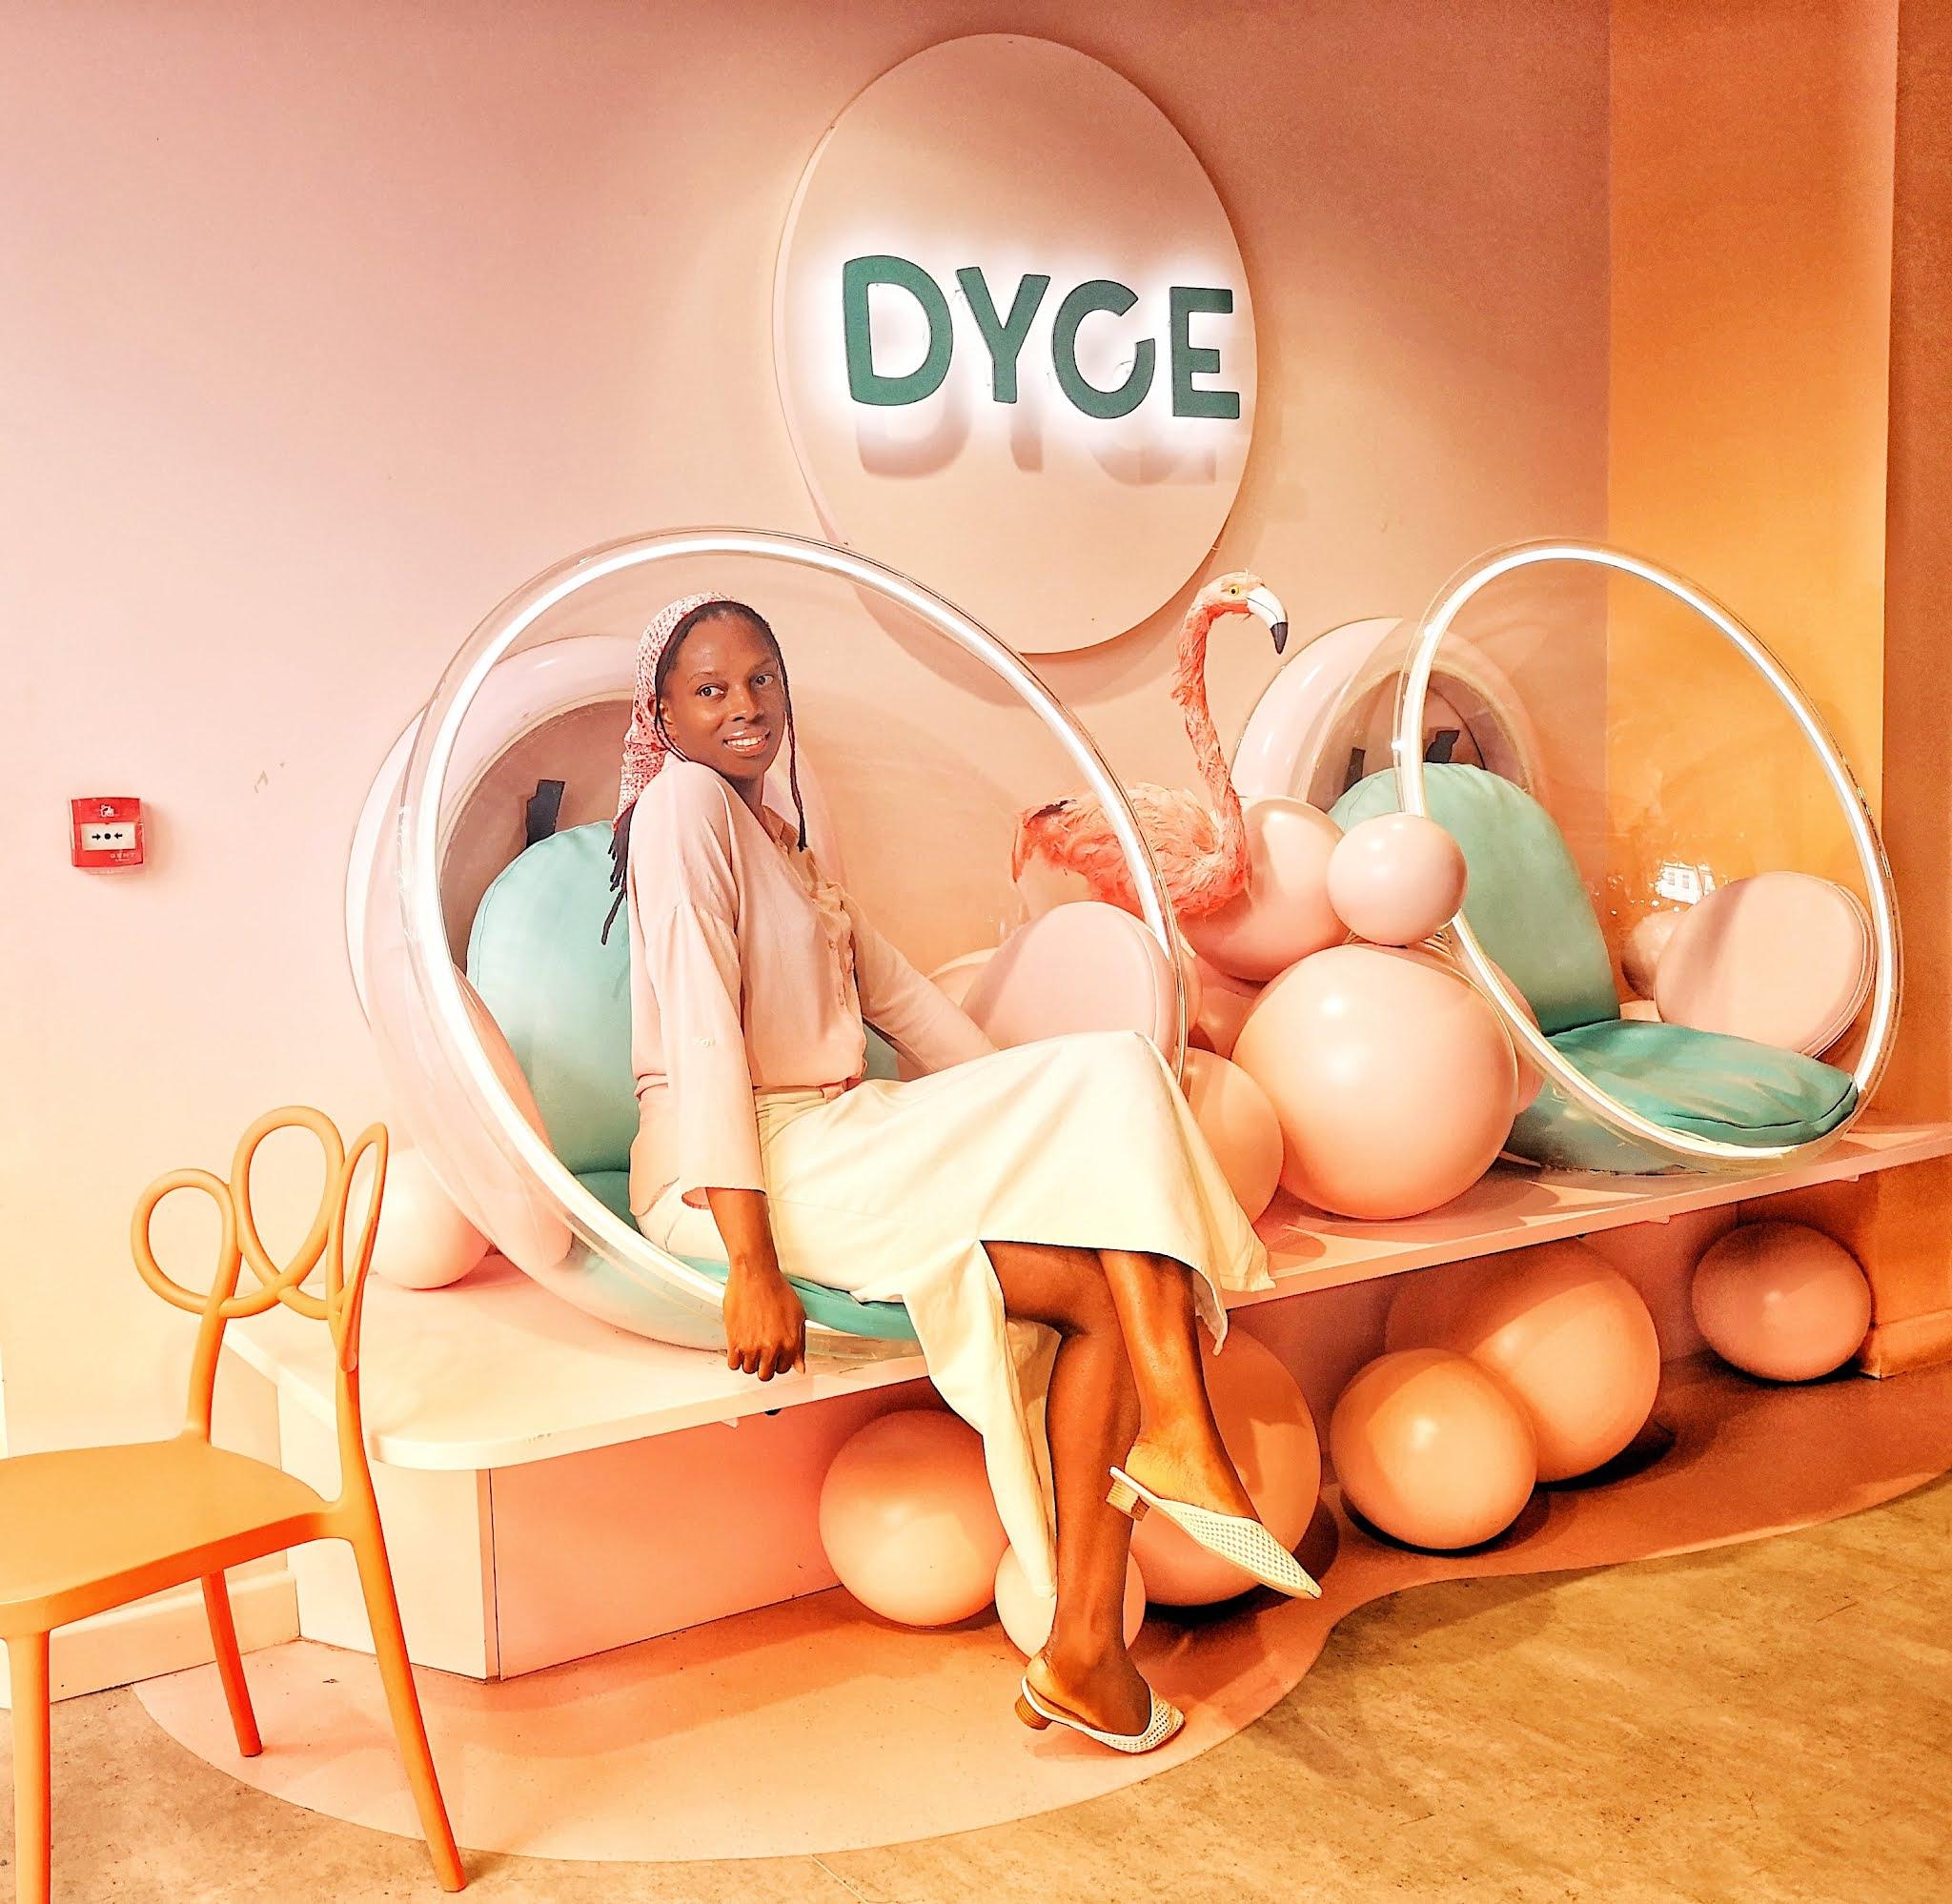 Dyce dessert shop